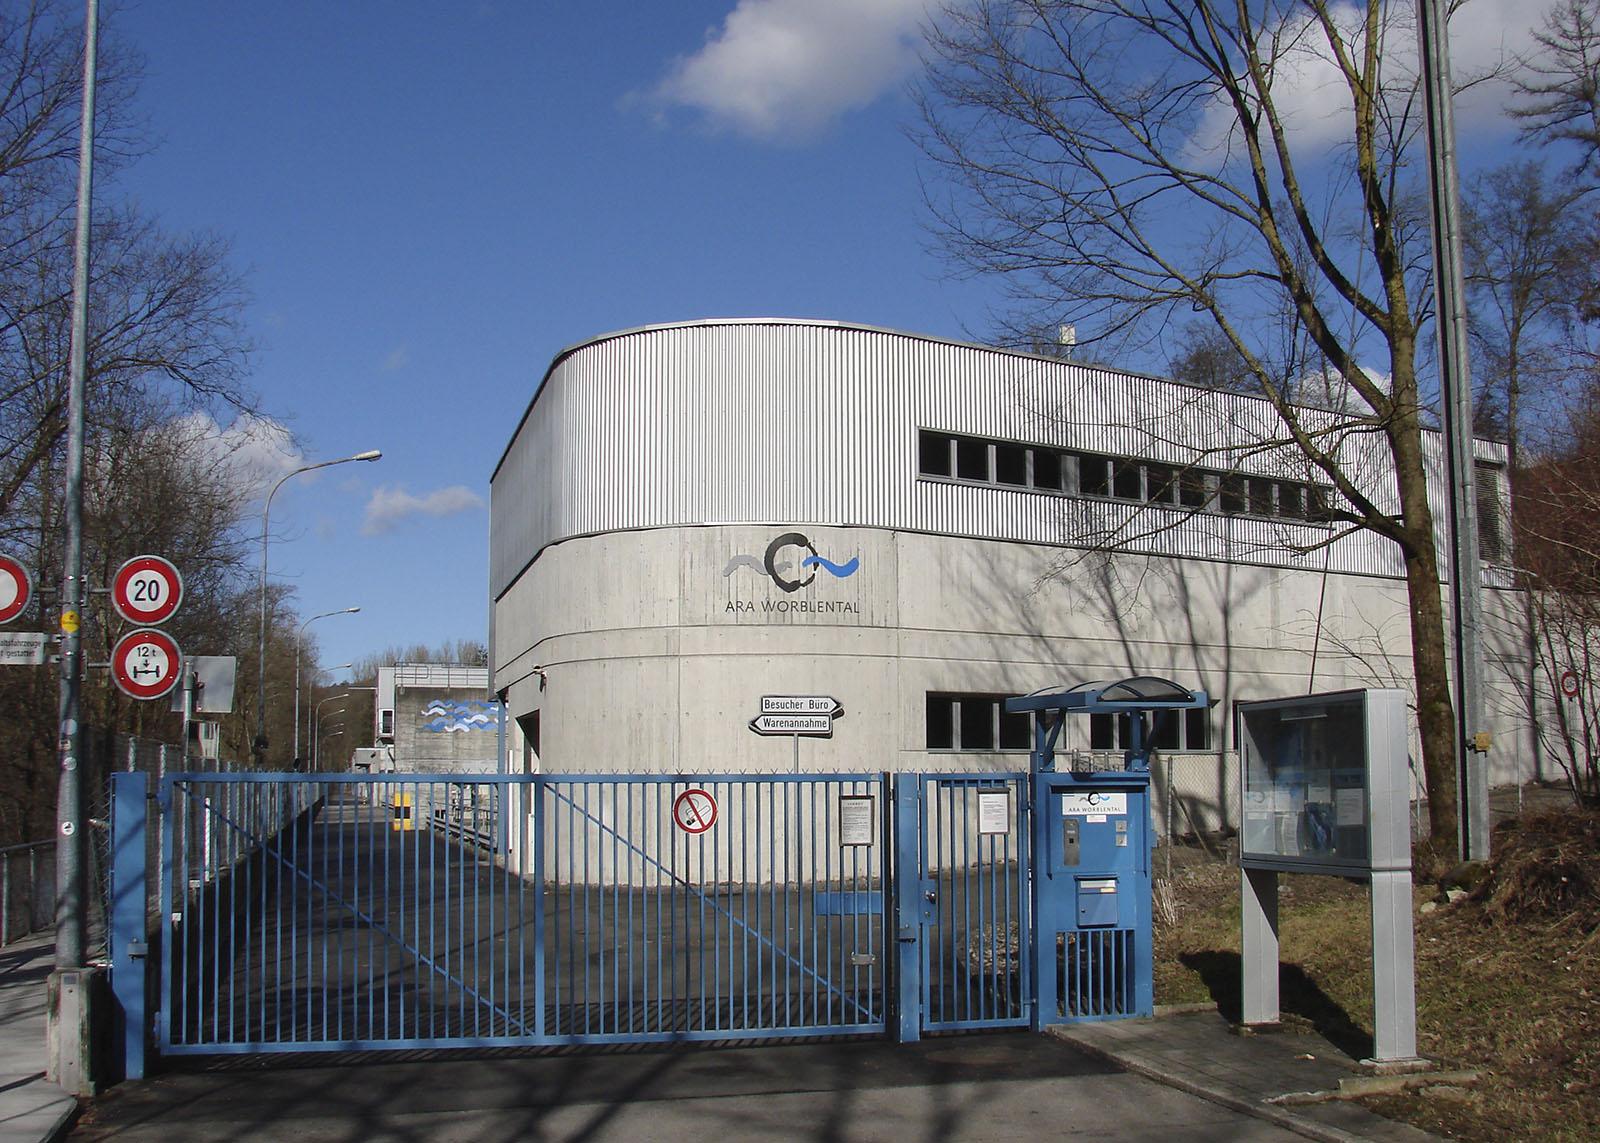 Seit 1971 in Betrieb: Die Abwasserreinigungsanlage (ARA) Worblental